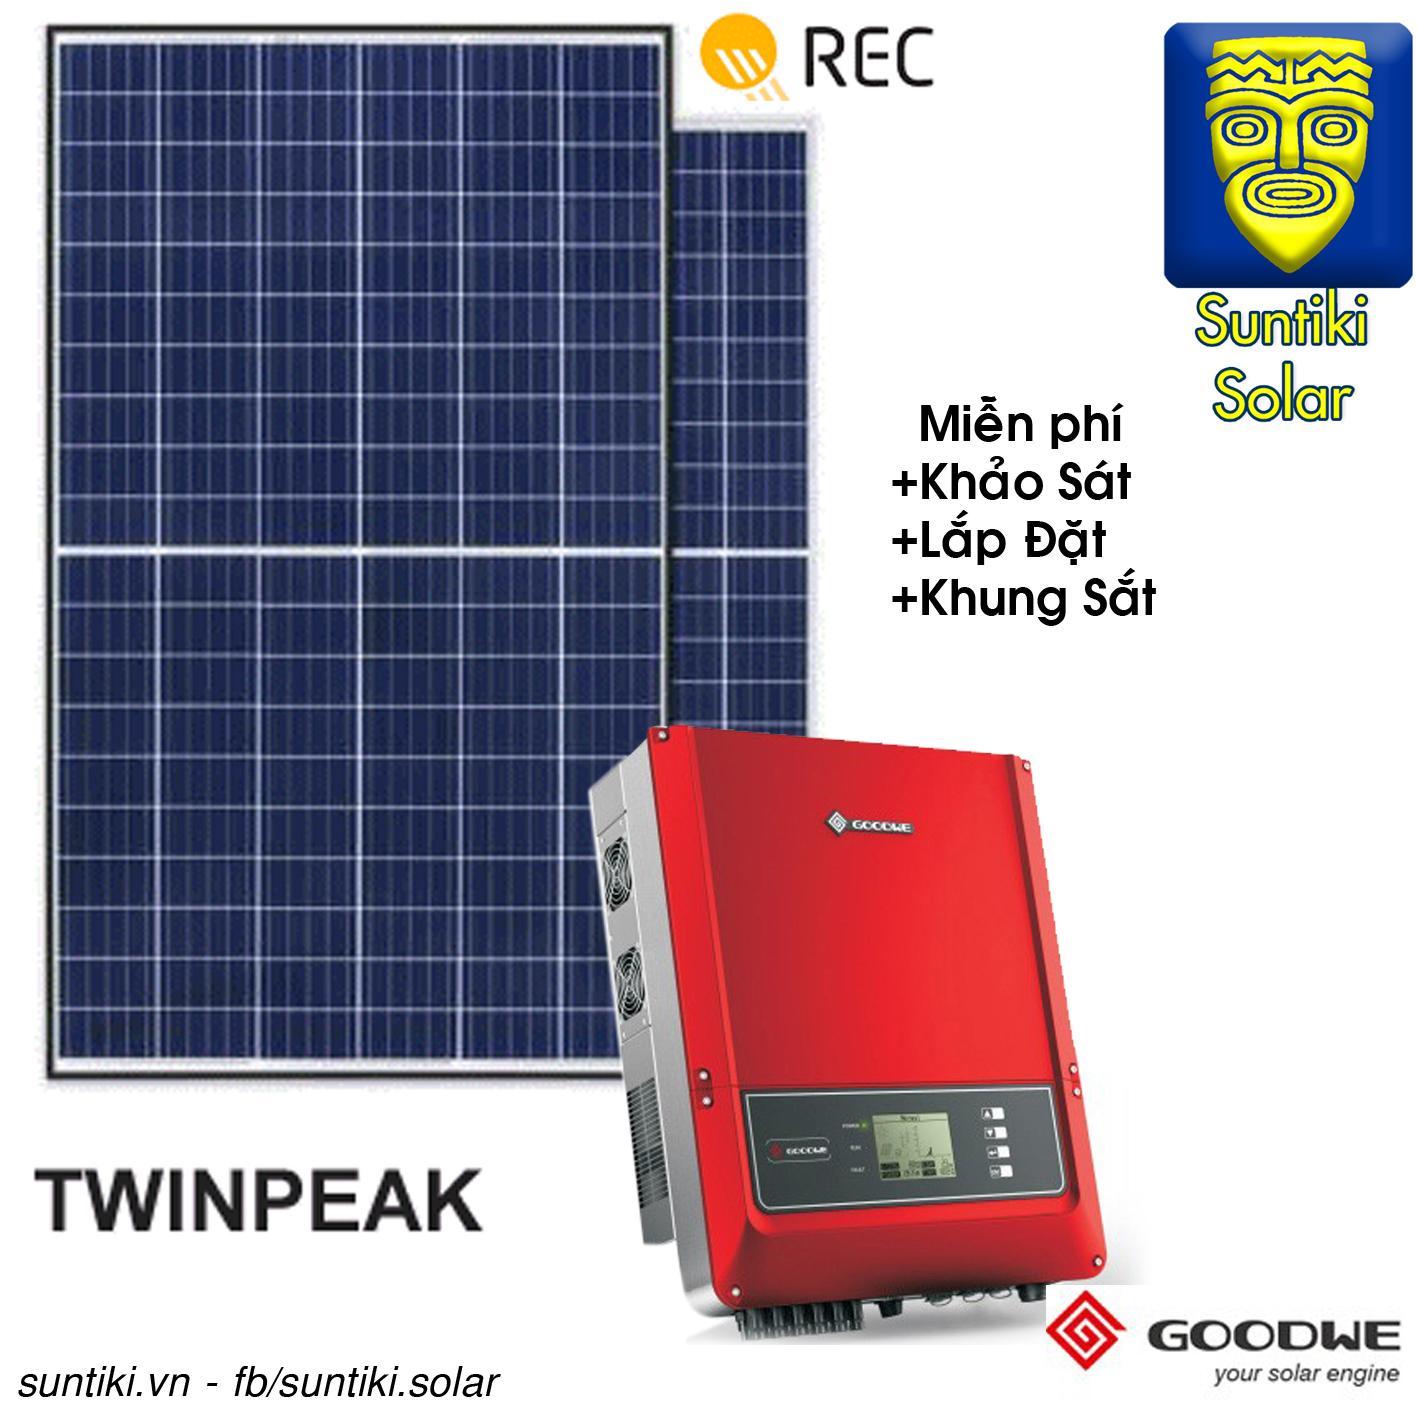 Hình ảnh Combo Hệ thống điện năng lượng mặt trời - 3420W (12 tấm pin REC + Máy biến tần Goodwe)